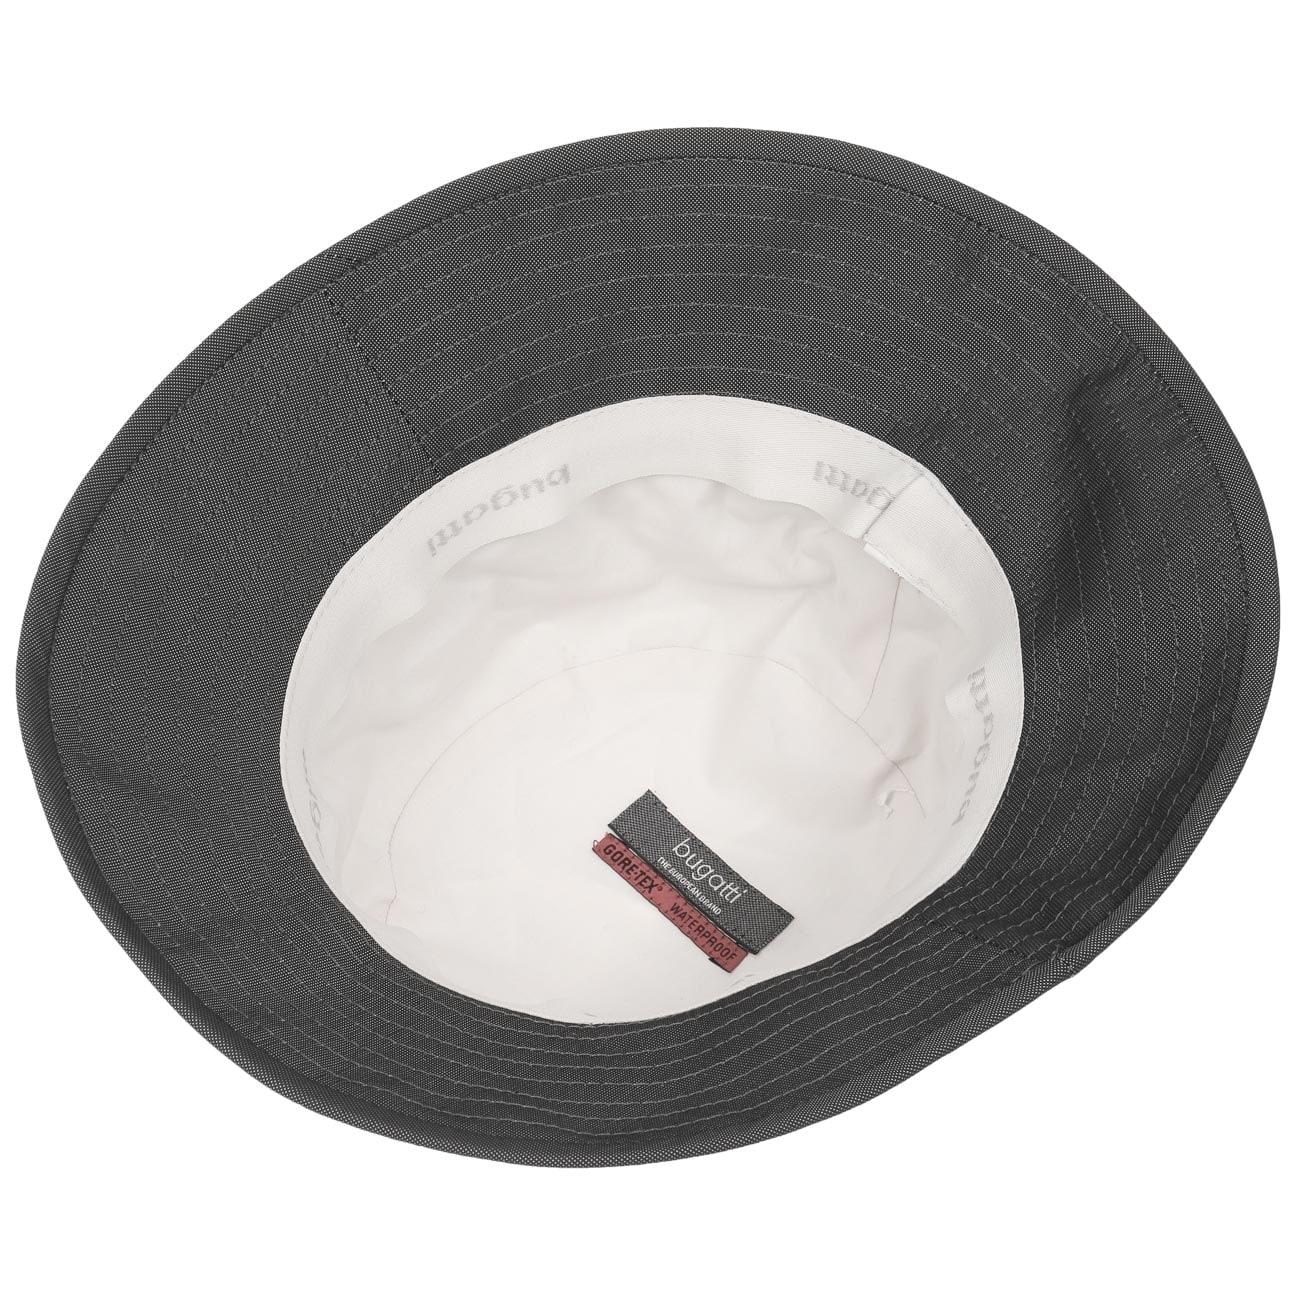 ... Cappello da Pioggia Gore-Tex by bugatti - antracite 3 ... 774e82c71137